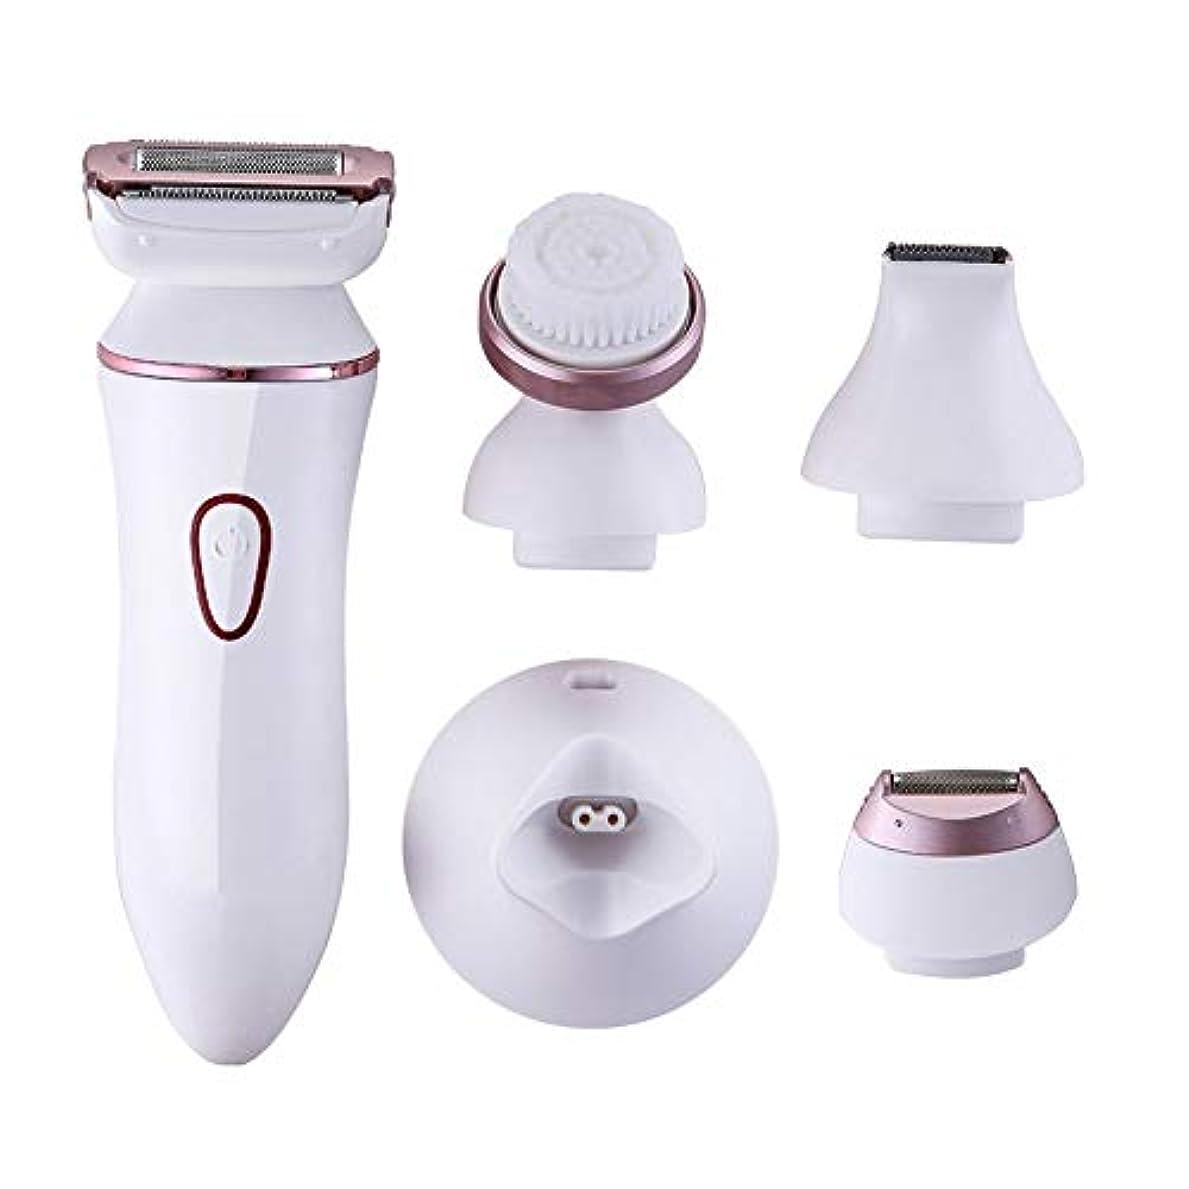 輪郭知覚的掃除QAZ 女性の電気シェーバー無線女性電気かみそりひげクリーニングと防水脚トリマーの脱毛器、ドライ/ウェット充電式レディースレイザー+マニキュアセット(1では4)